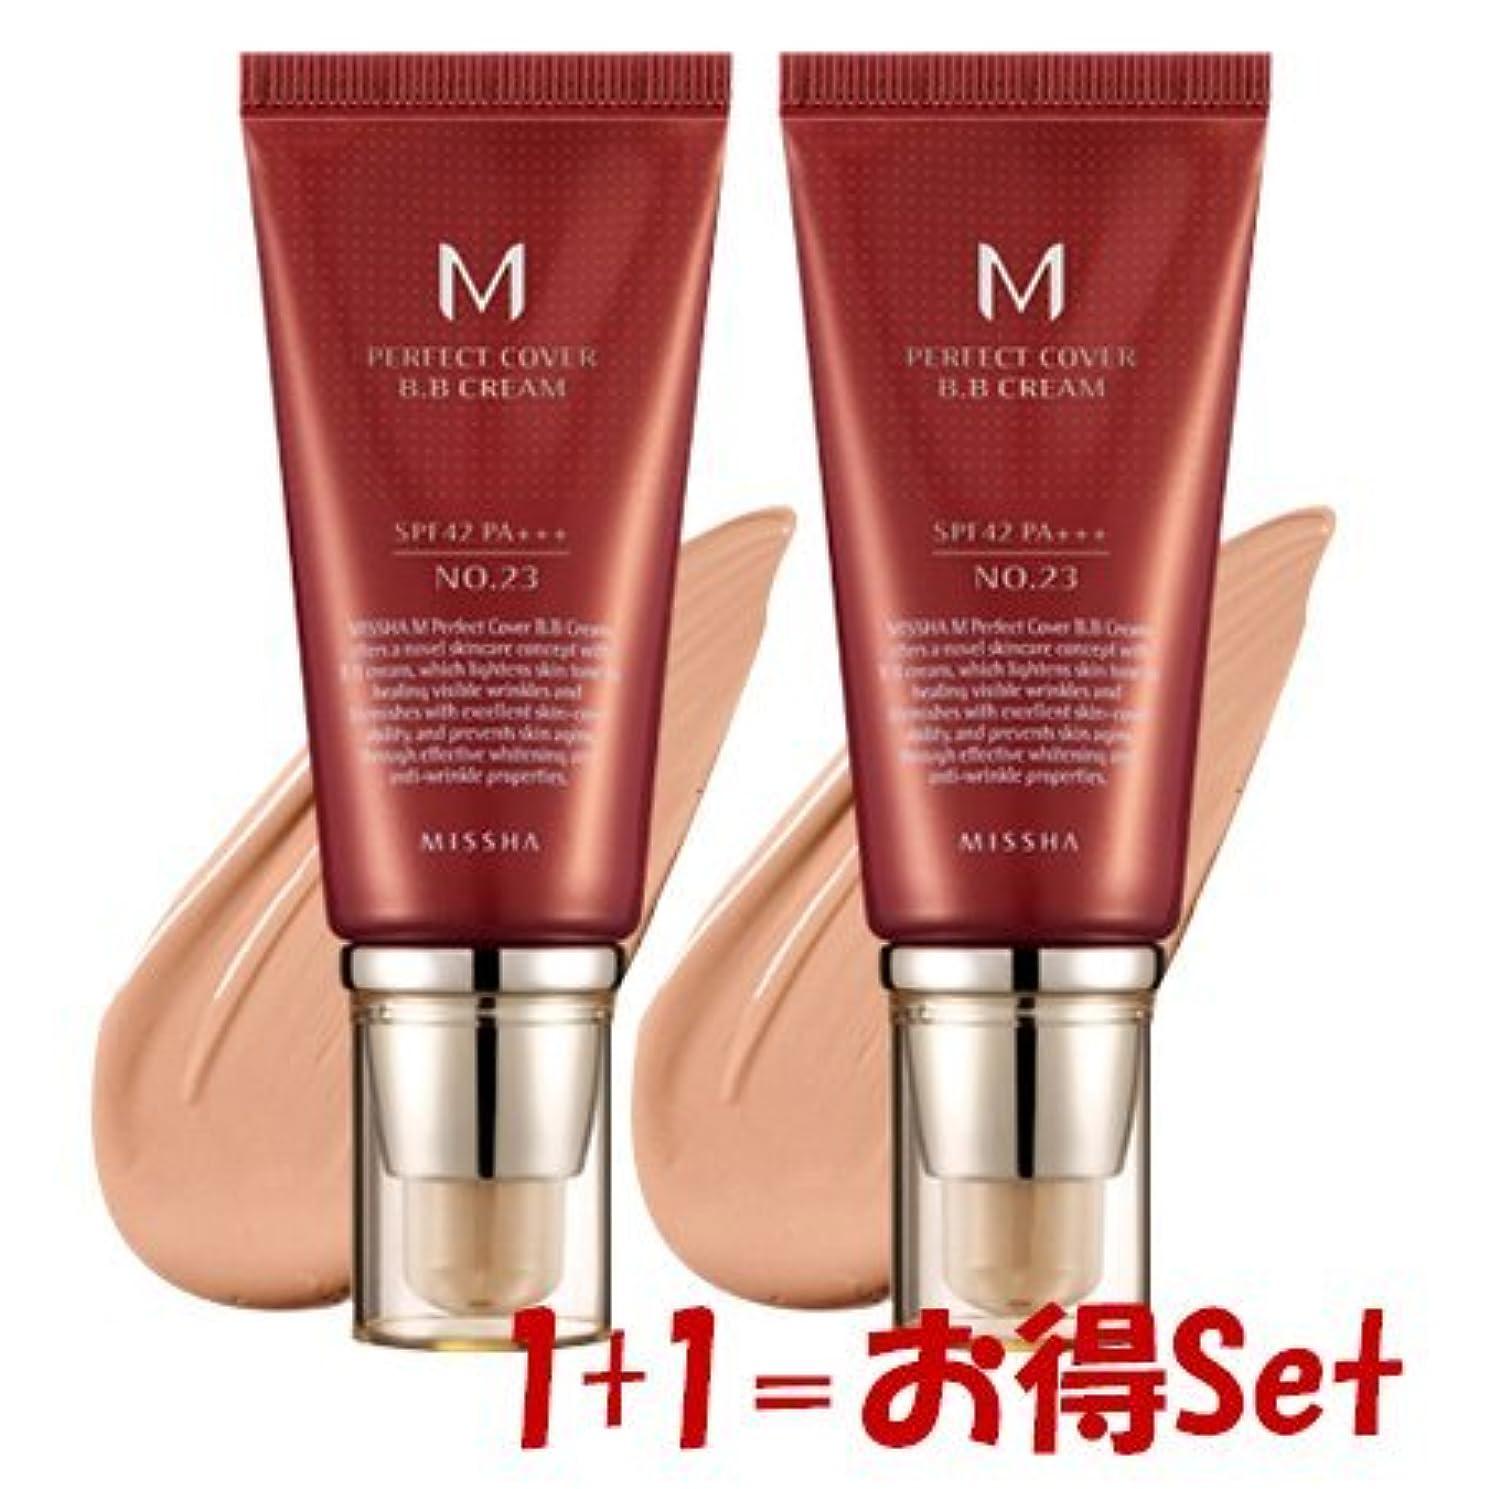 句読点月面楕円形MISSHA(ミシャ) M Perfect Cover パーフェクトカバーBBクリーム 23号+23号(1+1=お得Set)